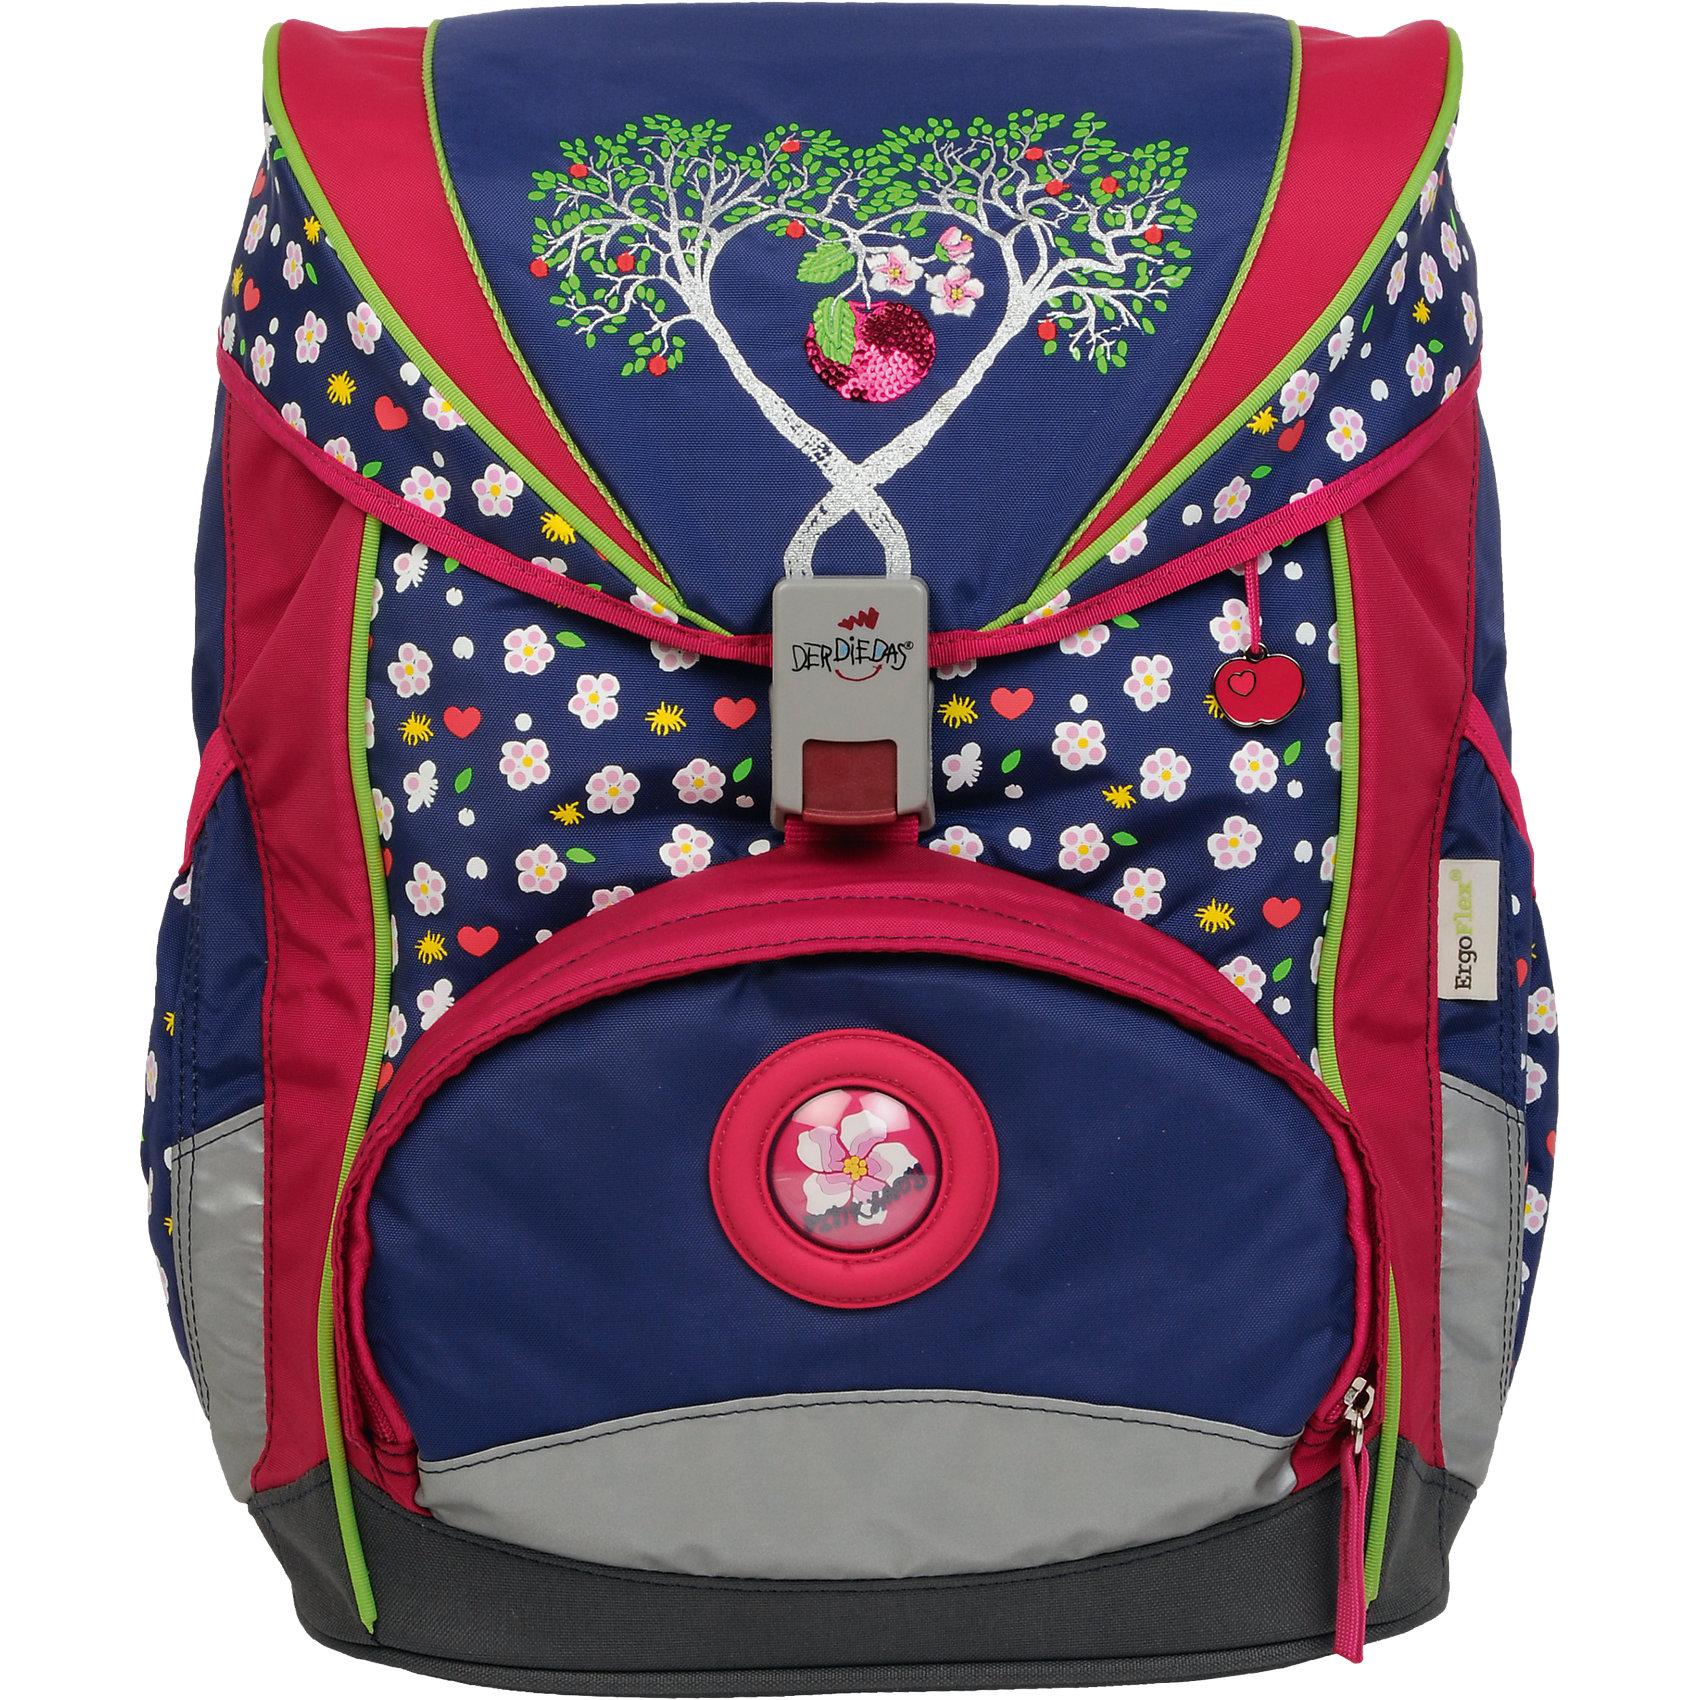 Ранец с наполнением Цветущая яблоня, ErgoflexТакой яркий ранец непременно понравится Вашему малышу. В комплекте с ранцем идут другие нужные аксессуары – два функциональных пенала, сумка для спортивных мероприятий и небольшой кошелек. Все предметы выпущены в едином стиле.<br>Ранец будет чудесным подарком к 1 сентября для Вашего ребенка!<br><br>Особенности:<br>- Спинка рюкзака представляет собой достаточно жесткую анатомическую конструкцию с мягкими подушечками.<br>- Твердое дно с пластиковыми ножками гарантирует устойчивость ранца и защищает его от намокания.<br>- В просторном внутреннем пространстве размещаются учебники, школьные принадлежности и личные вещи.<br>- Нагрудный ремень способствует равномерному распределению веса ранца и обеспечивает плотное прилегание к спине.<br>- Съемный набедренный ремень фиксирует ранец и уменьшает нагрузку на спину.<br>- Уникальный замок с запатентованным механизмом очень удобен в повседневном использовании.<br>- Доступ в боковые карманы возможен без открытия рюкзака.<br>- Небольшой, но вместительный наружный карман предназначен для хранения всевозможных мелочей.<br><br>Спортивная сумка на молнии:<br>-  Сумка, имеющая одно внутреннее отделение, снабжена двумя короткими ручками и длинной регулируемой лямкой. Имеется отдельный карман для обуви, материал – прочный, износостойкий и легко моющийся.<br><br>Закрытый пенал с наполнением на молнии:<br>-  Снабжен дополнительным клапаном.<br>-  В состав пенала входят: чернографитный карандаш - 2 шт., цветной карандаш - 15 шт., линейка 16см - 1 шт., ластик - 1 шт., точилка - 1 шт., расписание уроков - 1 шт., отделение для ручки, мини-кошелек на липучке.<br><br>Пенал без наполнения , на молнии:<br>- Одно отделение.<br><br>Дополнительная информация:<br><br>- Размеры ранца:33 x 40 x 23 см.;<br>- Размеры спортивной сумки: 34х21,5х16см.;<br>- Размеры пенала с наполнением: 20х13,5х2,5 см.;<br>- Пенал без наполнения, на молнии:20х9х7 см. <br>- Объем: 20 л. <br>- Размер упаковки: 23х33х40 см.<br>- Вес